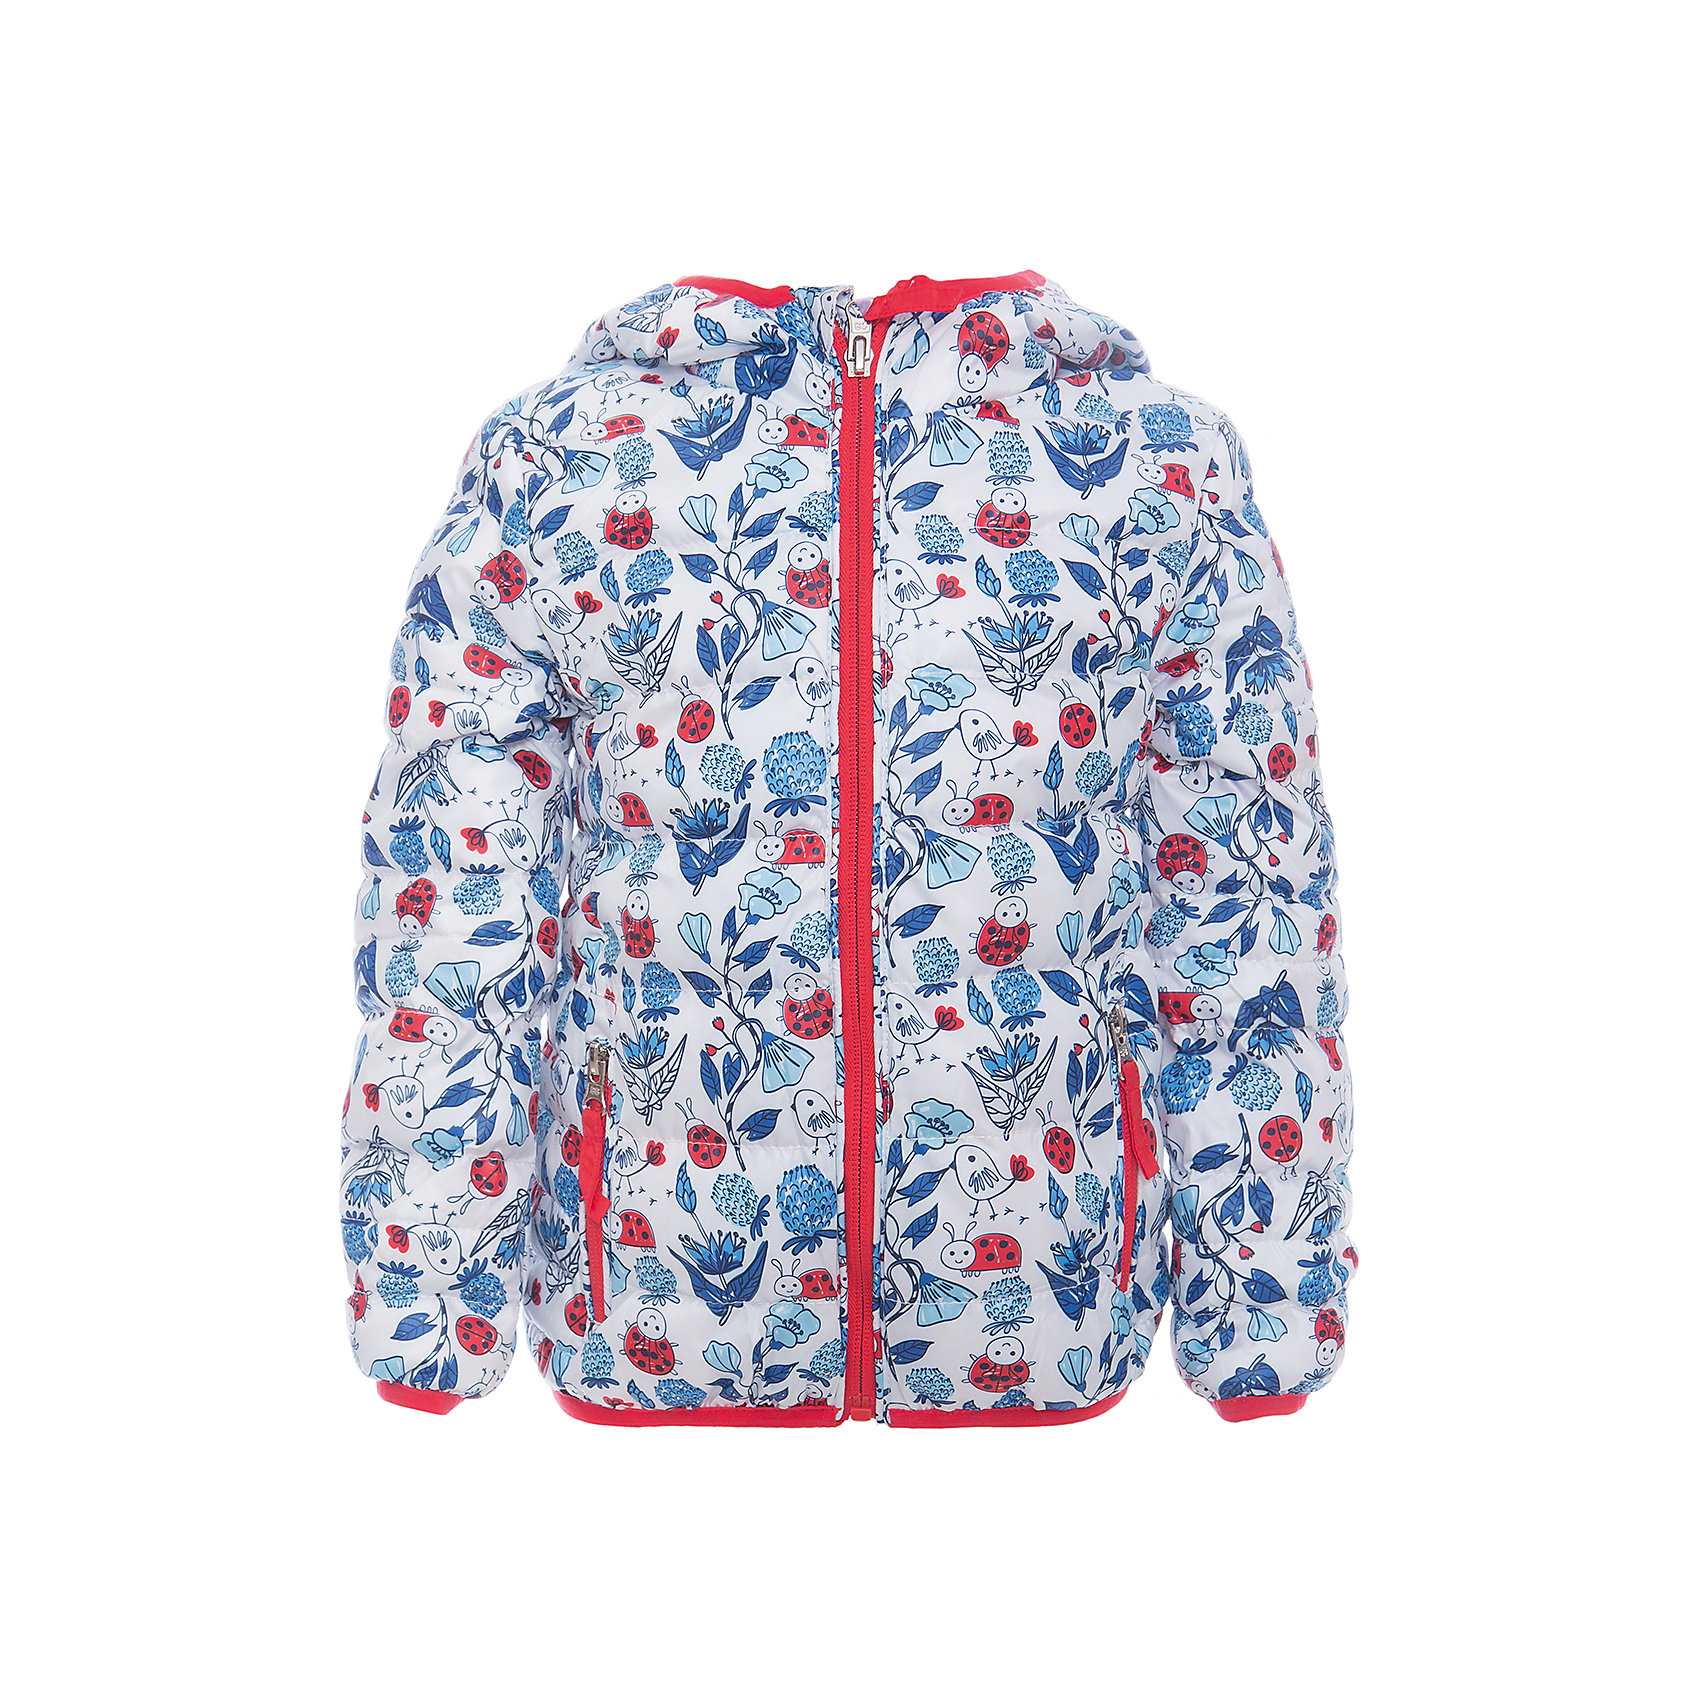 Куртка для девочки Sweet BerryУтепленная, стеганая куртка с оригинальным принтом для девочки. Цельнокроеный капюшон, два прорезных карманы на молнии. Капюшон и  рукава оформлены контрастной окантовочной резинкой.<br>Состав:<br>Верх: 100%полиэстер. Подкладка: 65%хлопок 35%полиэстер. Наполнитель: 100%полиэстер<br><br>Ширина мм: 356<br>Глубина мм: 10<br>Высота мм: 245<br>Вес г: 519<br>Цвет: белый<br>Возраст от месяцев: 12<br>Возраст до месяцев: 15<br>Пол: Женский<br>Возраст: Детский<br>Размер: 80,86,92,98<br>SKU: 5411003